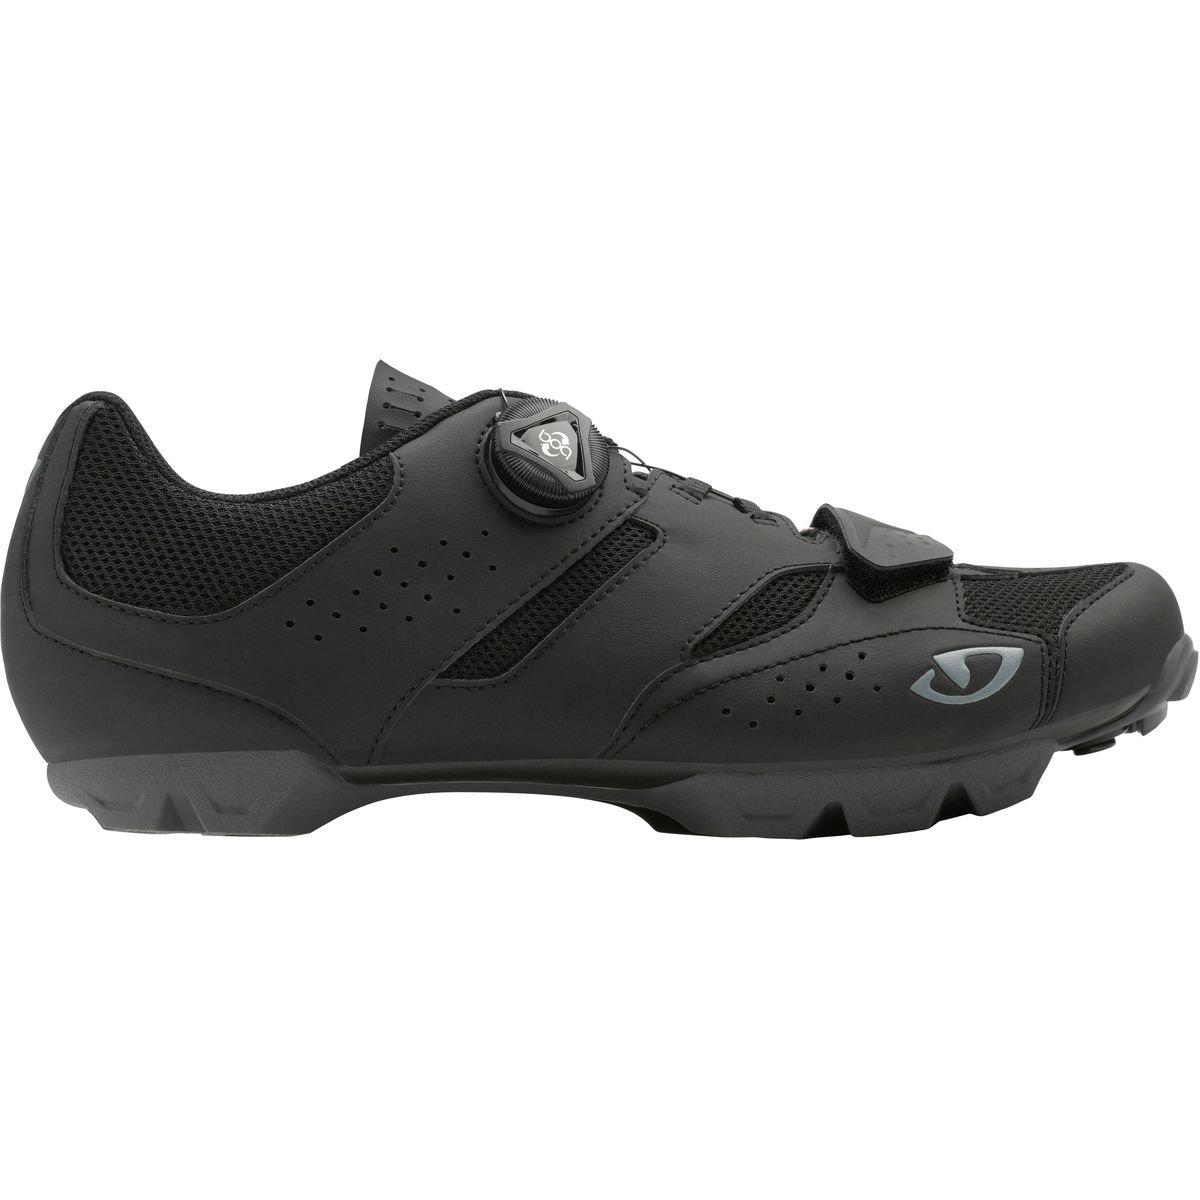 [ジロ] レディース サイクリング Cylinder Cycling Shoe [並行輸入品] 43  B0785NVB7Q